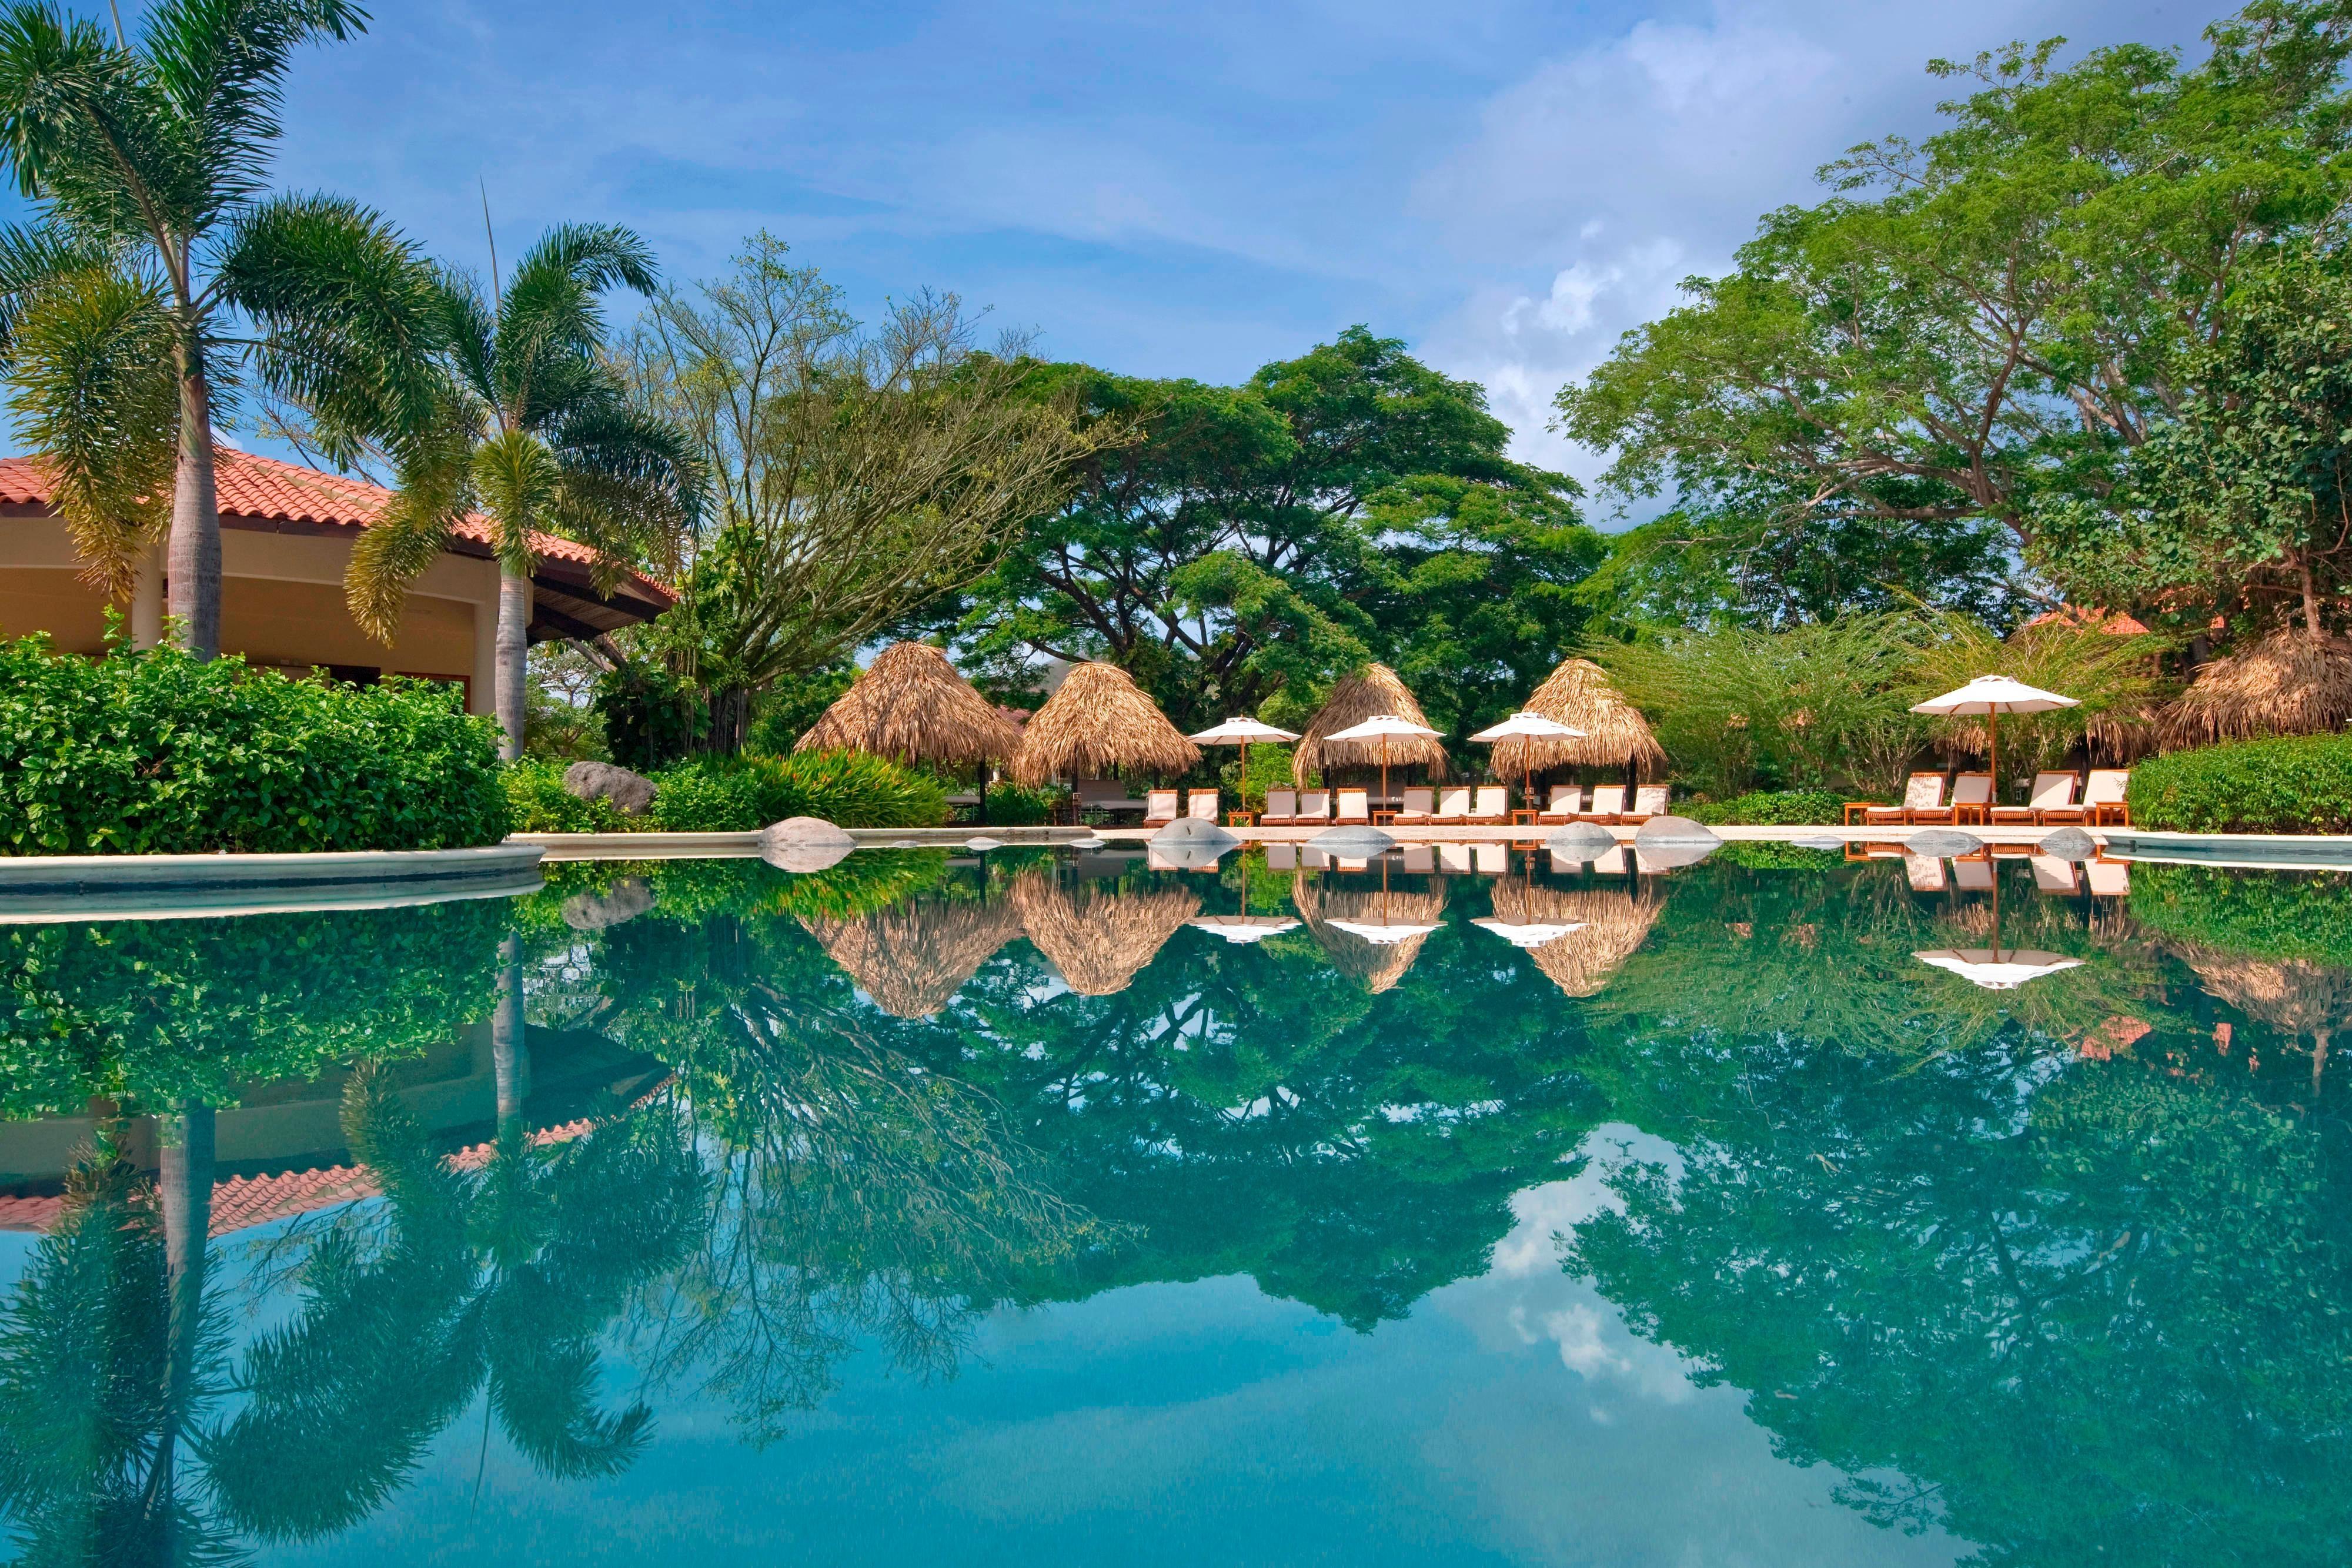 Royal Beach Club, piscina privada y camas balinesas